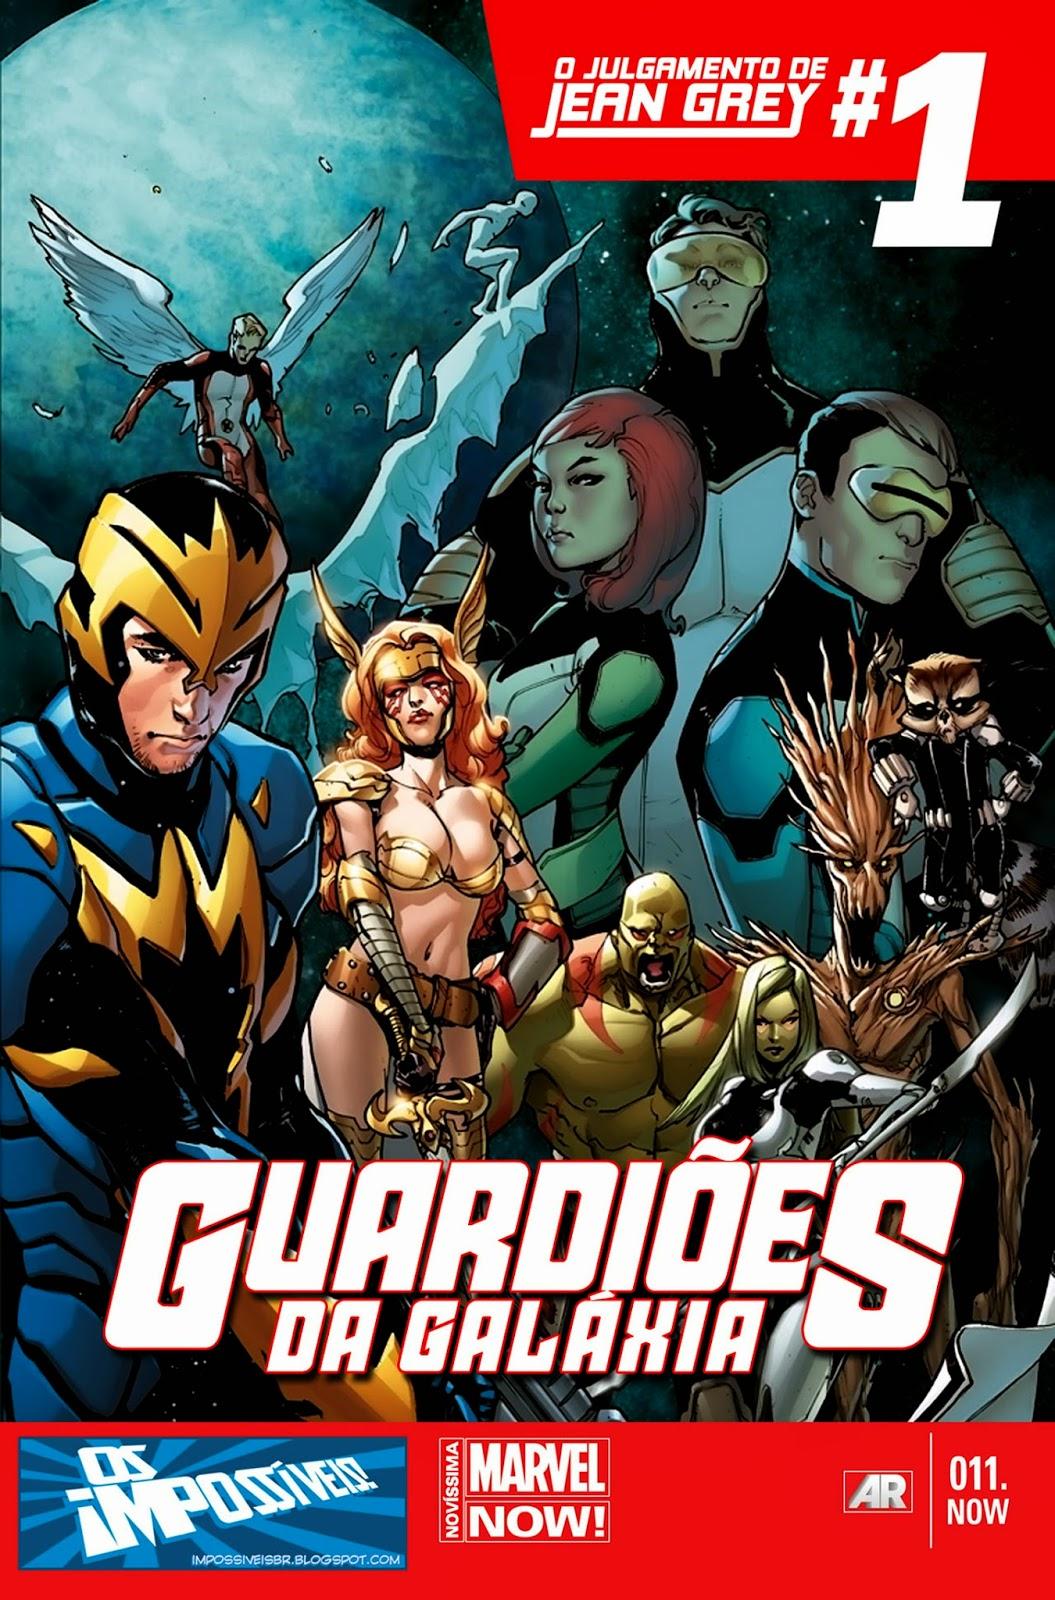 Guardiões da Galáxia #11